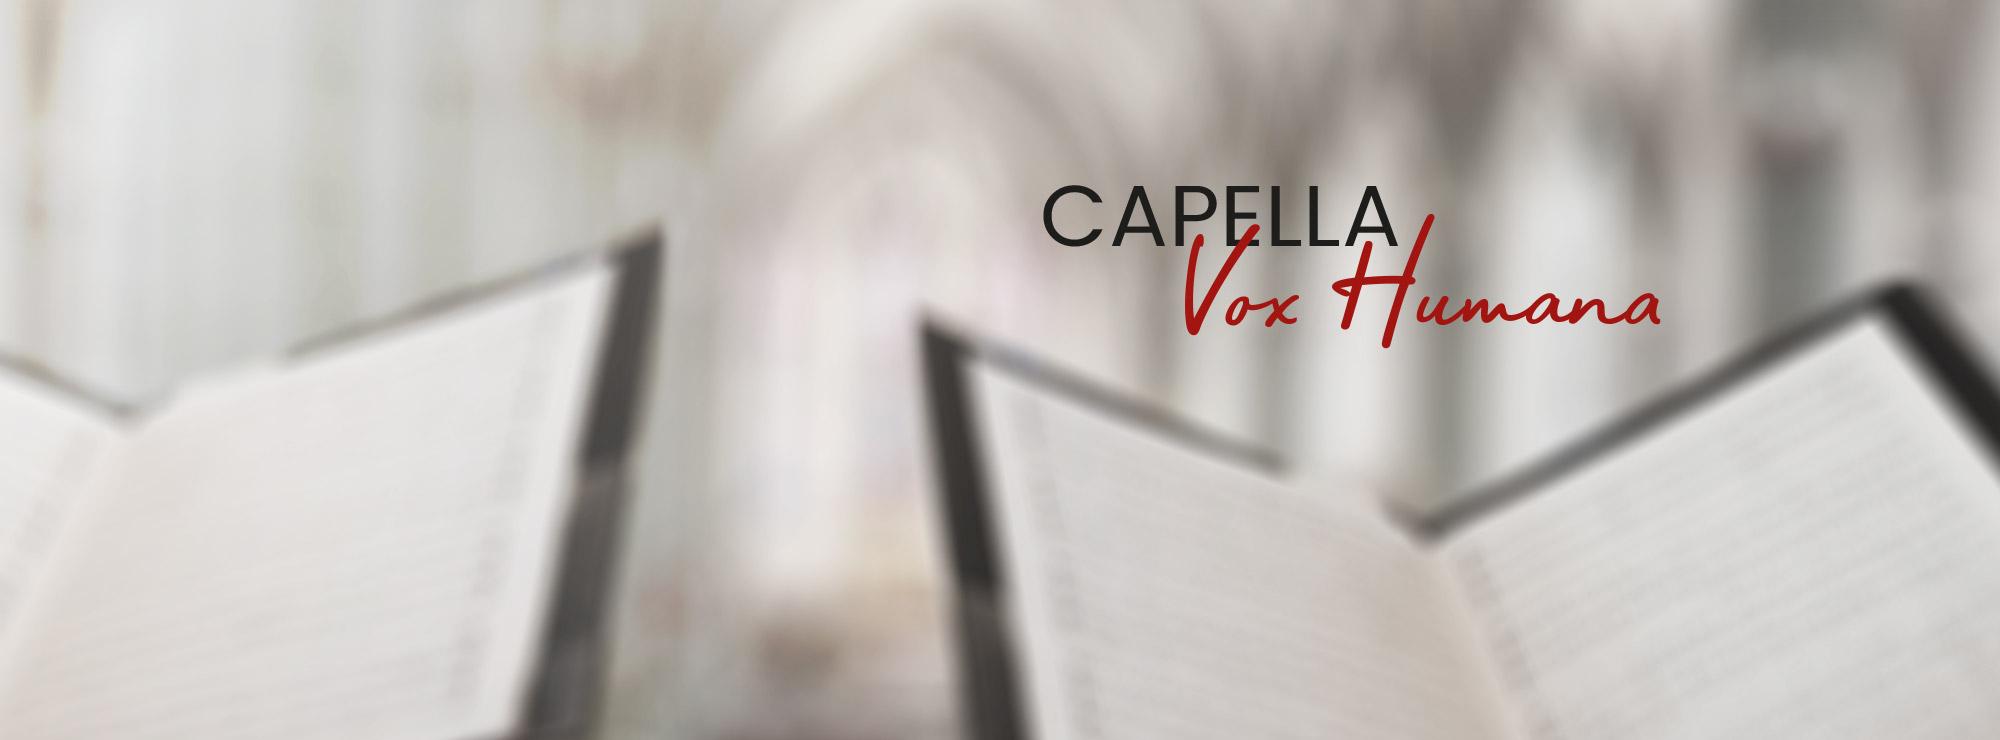 Capella Vox Humana Logo